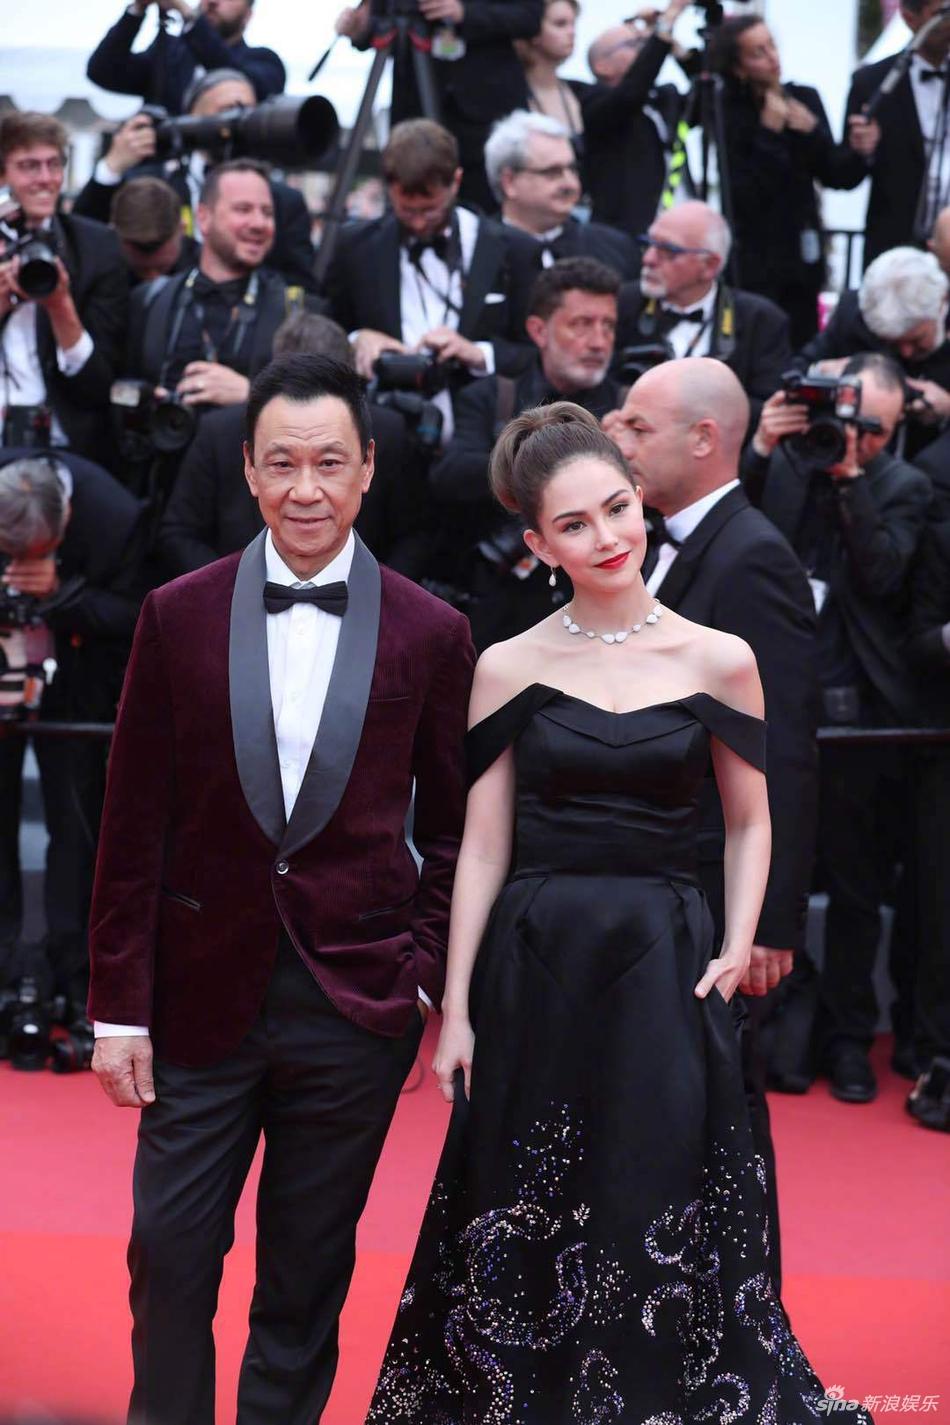 Không có Phạm Băng Băng, sao Hoa ngữ bị lấn át tại thảm đỏ Cannes 2019 - Ảnh 7